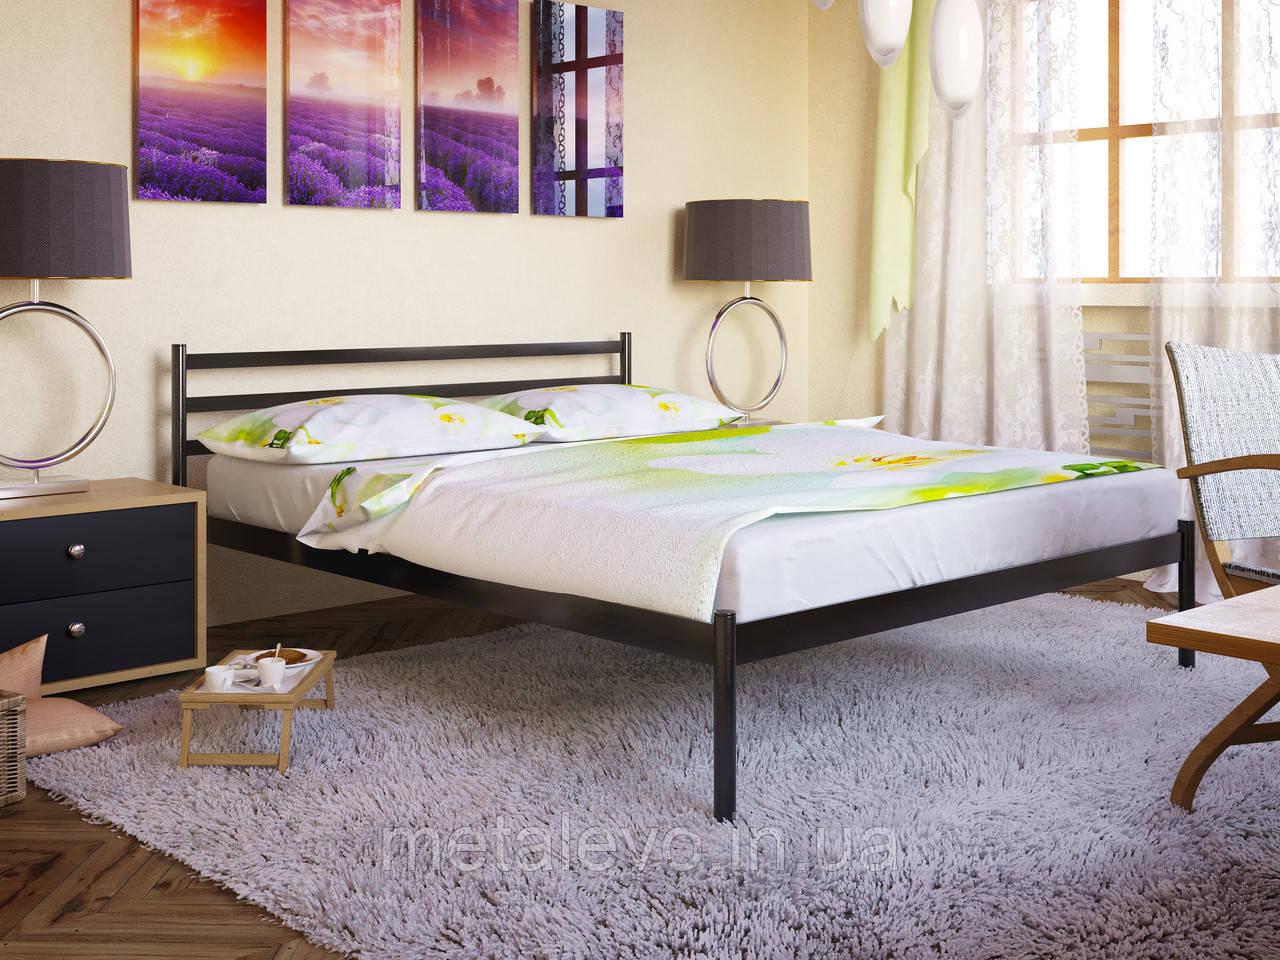 Односпальная металлическая кровать ФЛАЙ-1 (FLY-1) 80х190